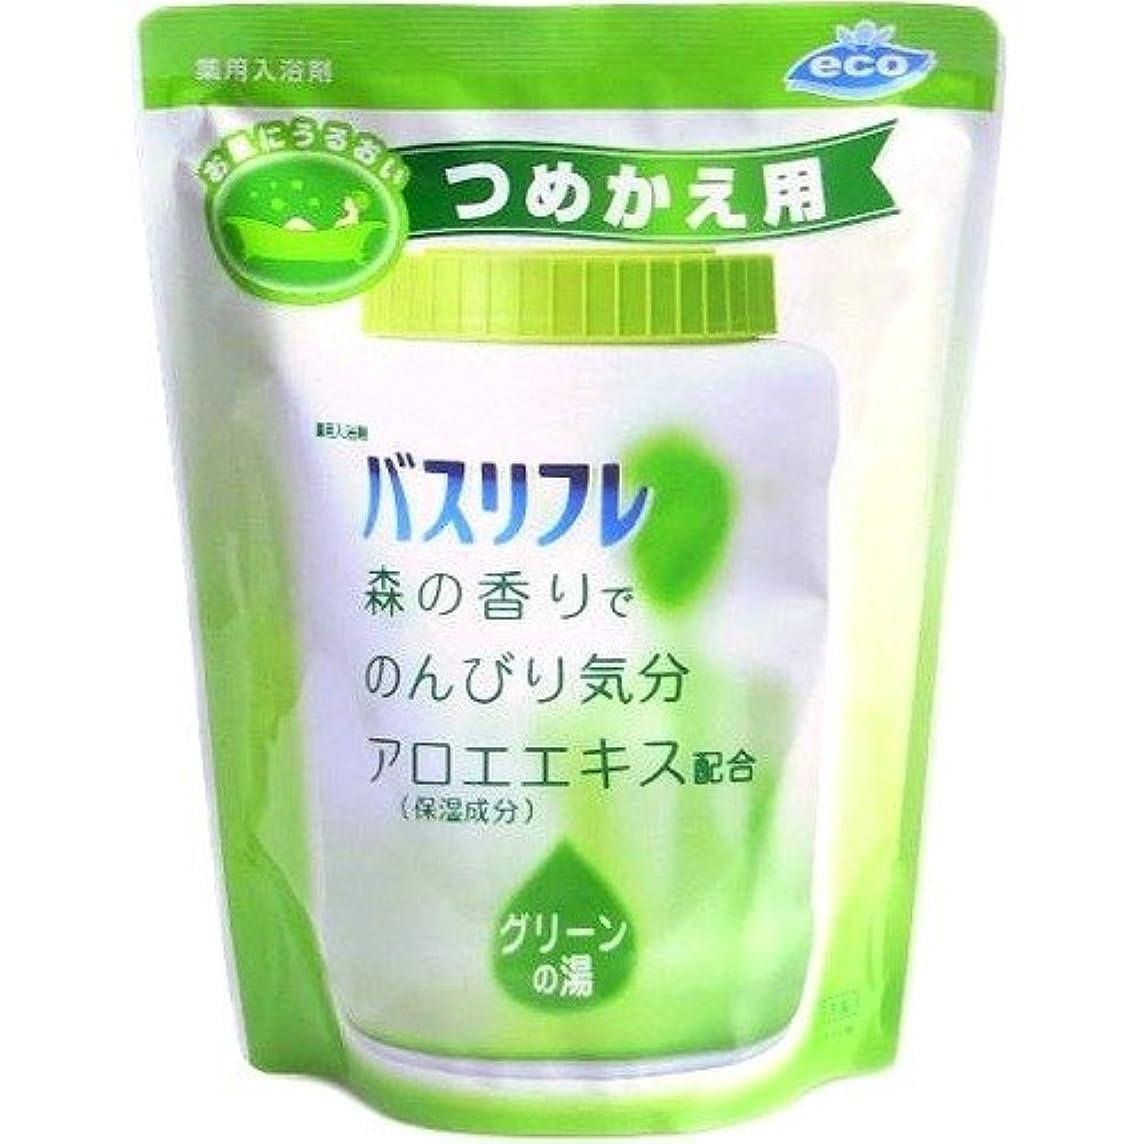 木曜日最初に国旗薬用入浴剤 バスリフレ グリーンの湯 つめかえ用 540g 森の香り (ライオンケミカル)